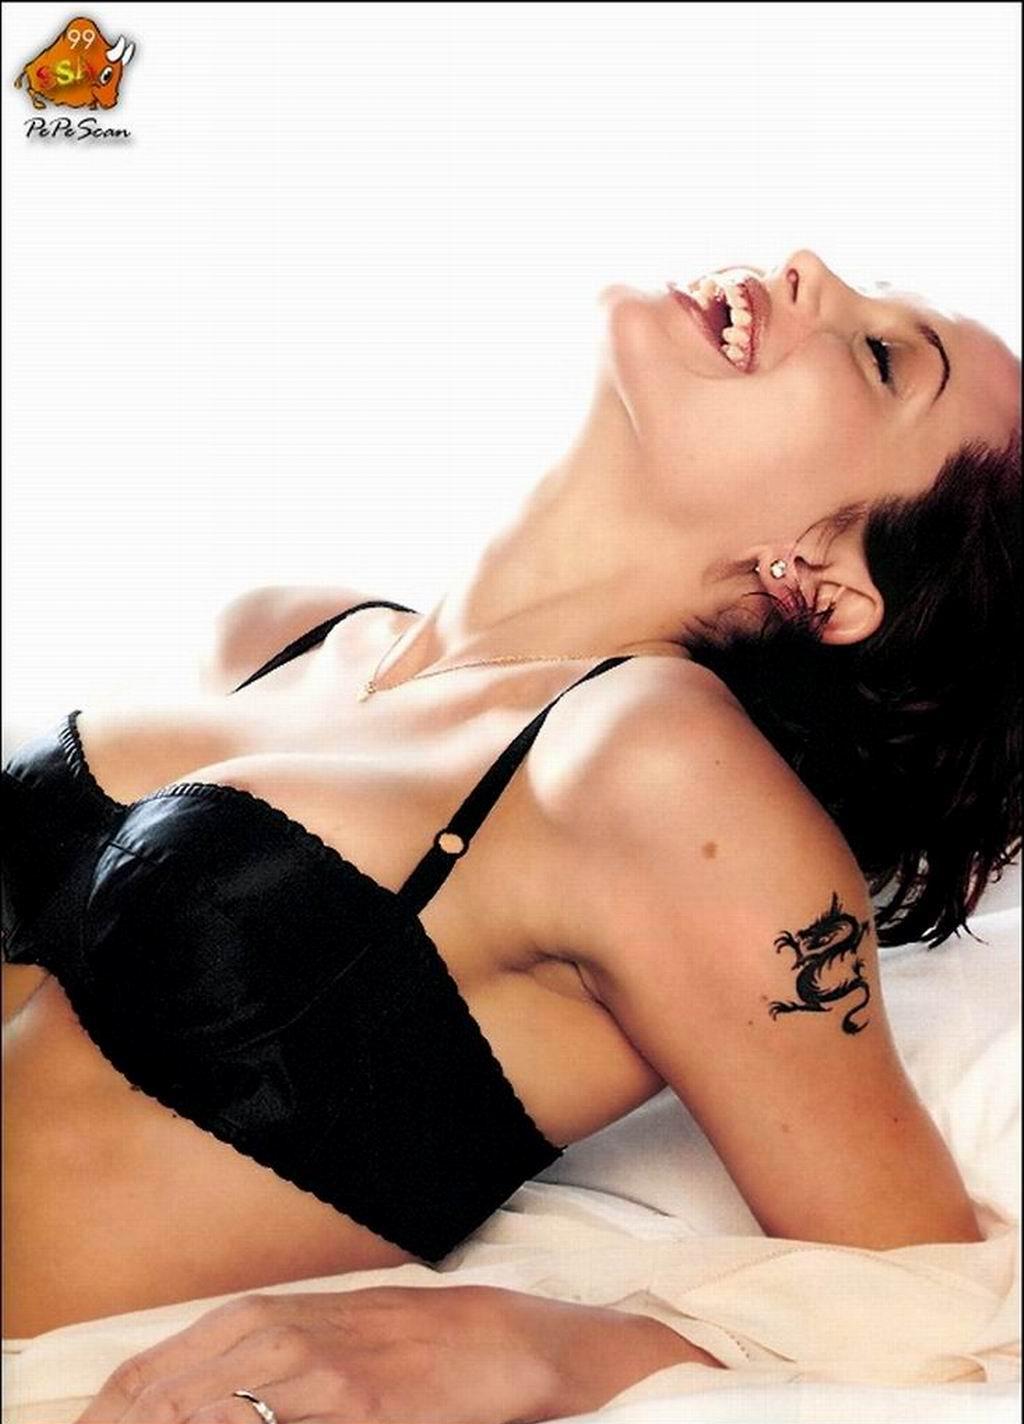 Фото с моделью angelina diaz 16 фотография